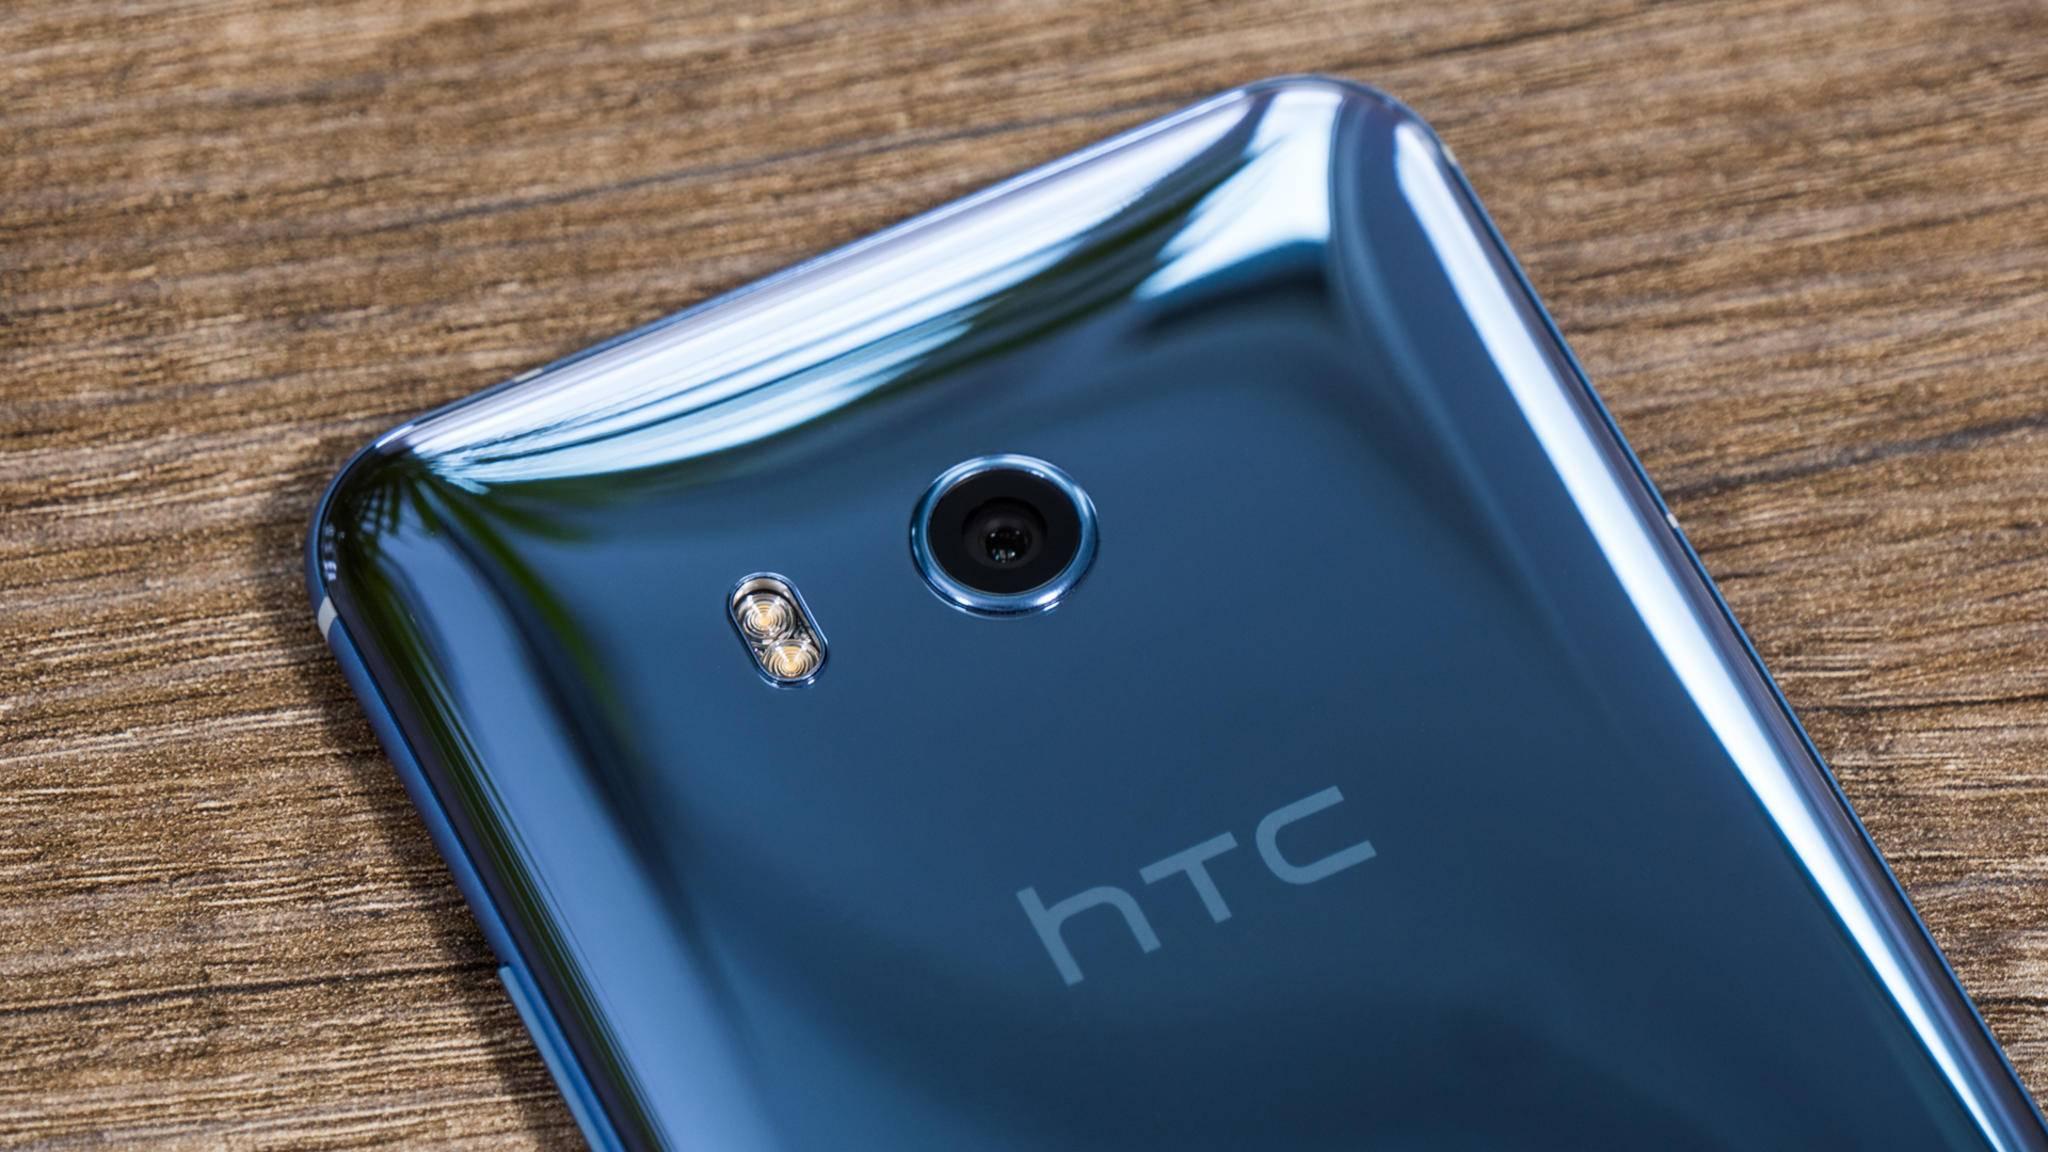 Das HTC U11 erlaubt bald auch die Videoaufzeichnung in 1080p bei 60 FPS.